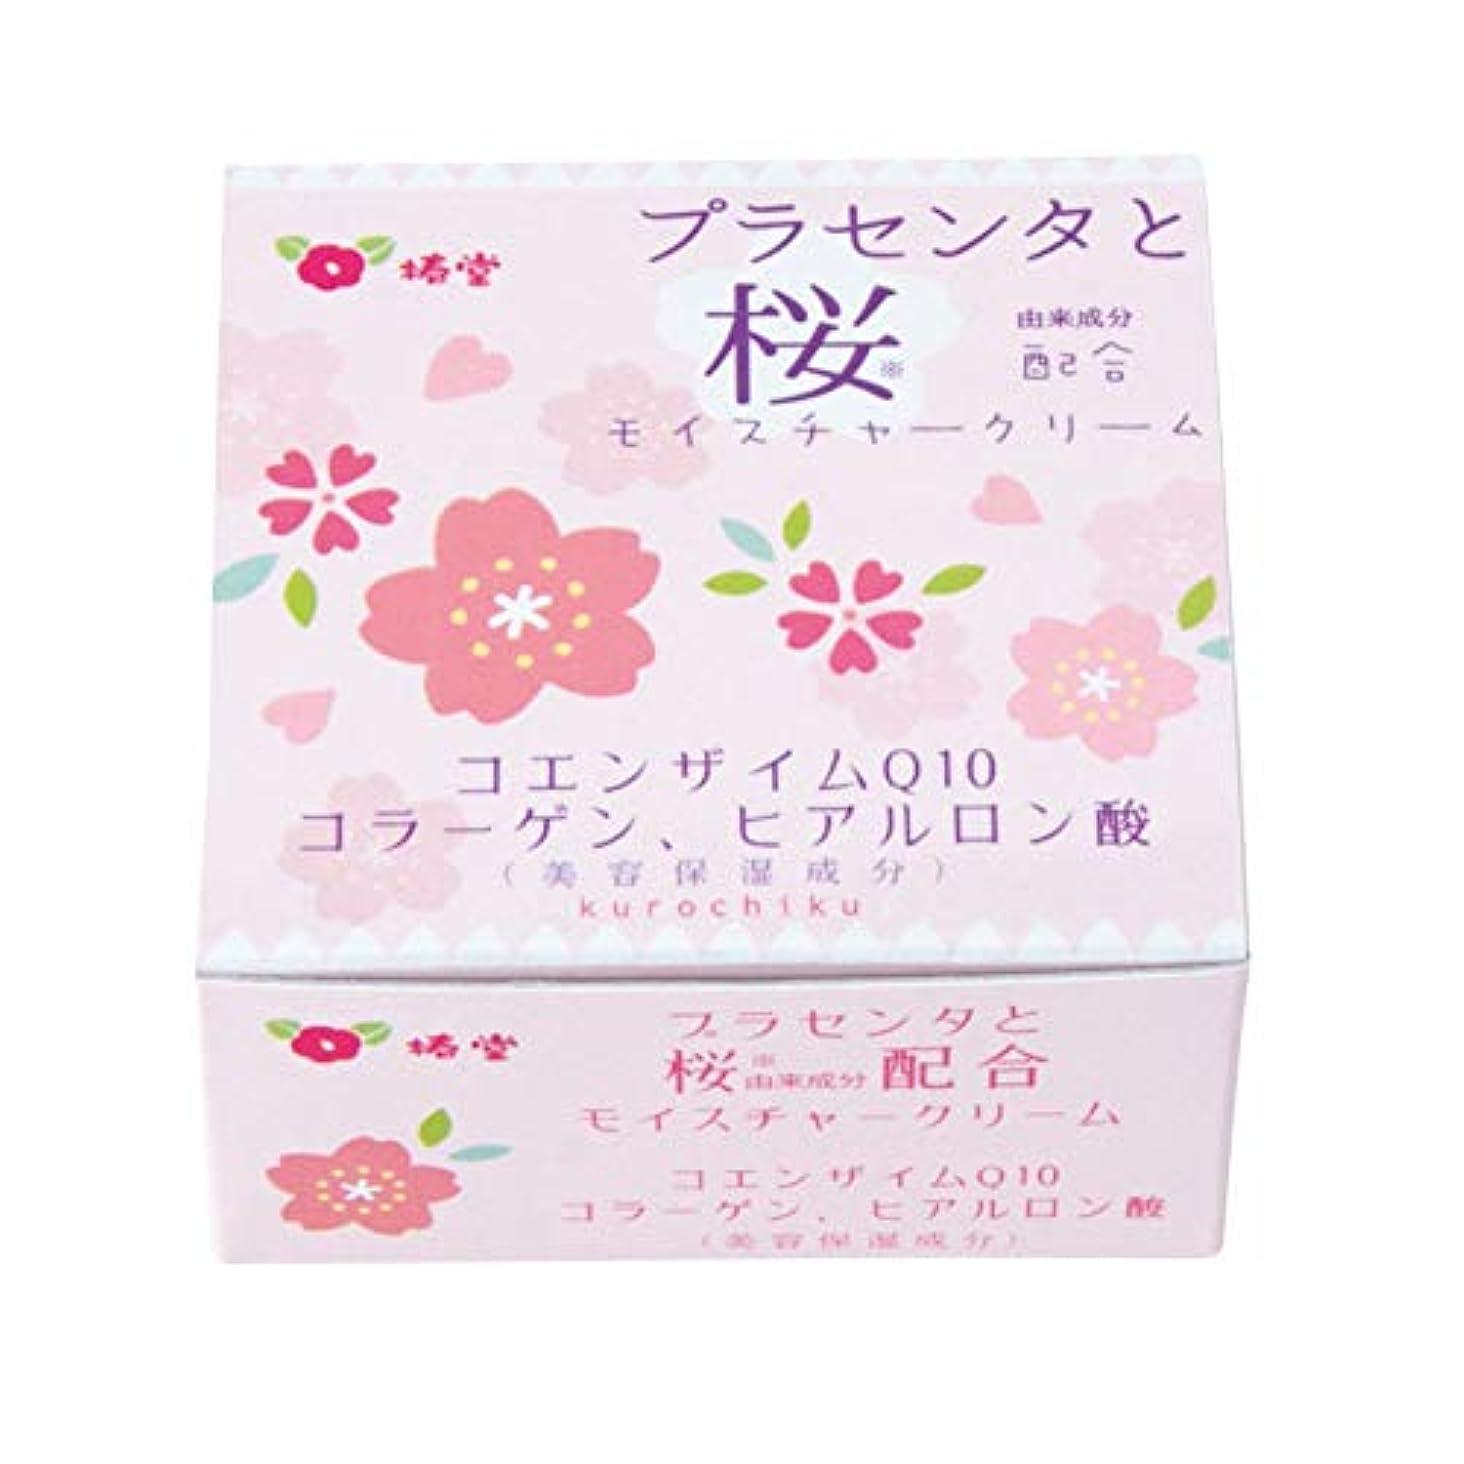 正気ソーセージタール椿堂 桜モイスチャークリーム (プラセンタと桜) 京都くろちく